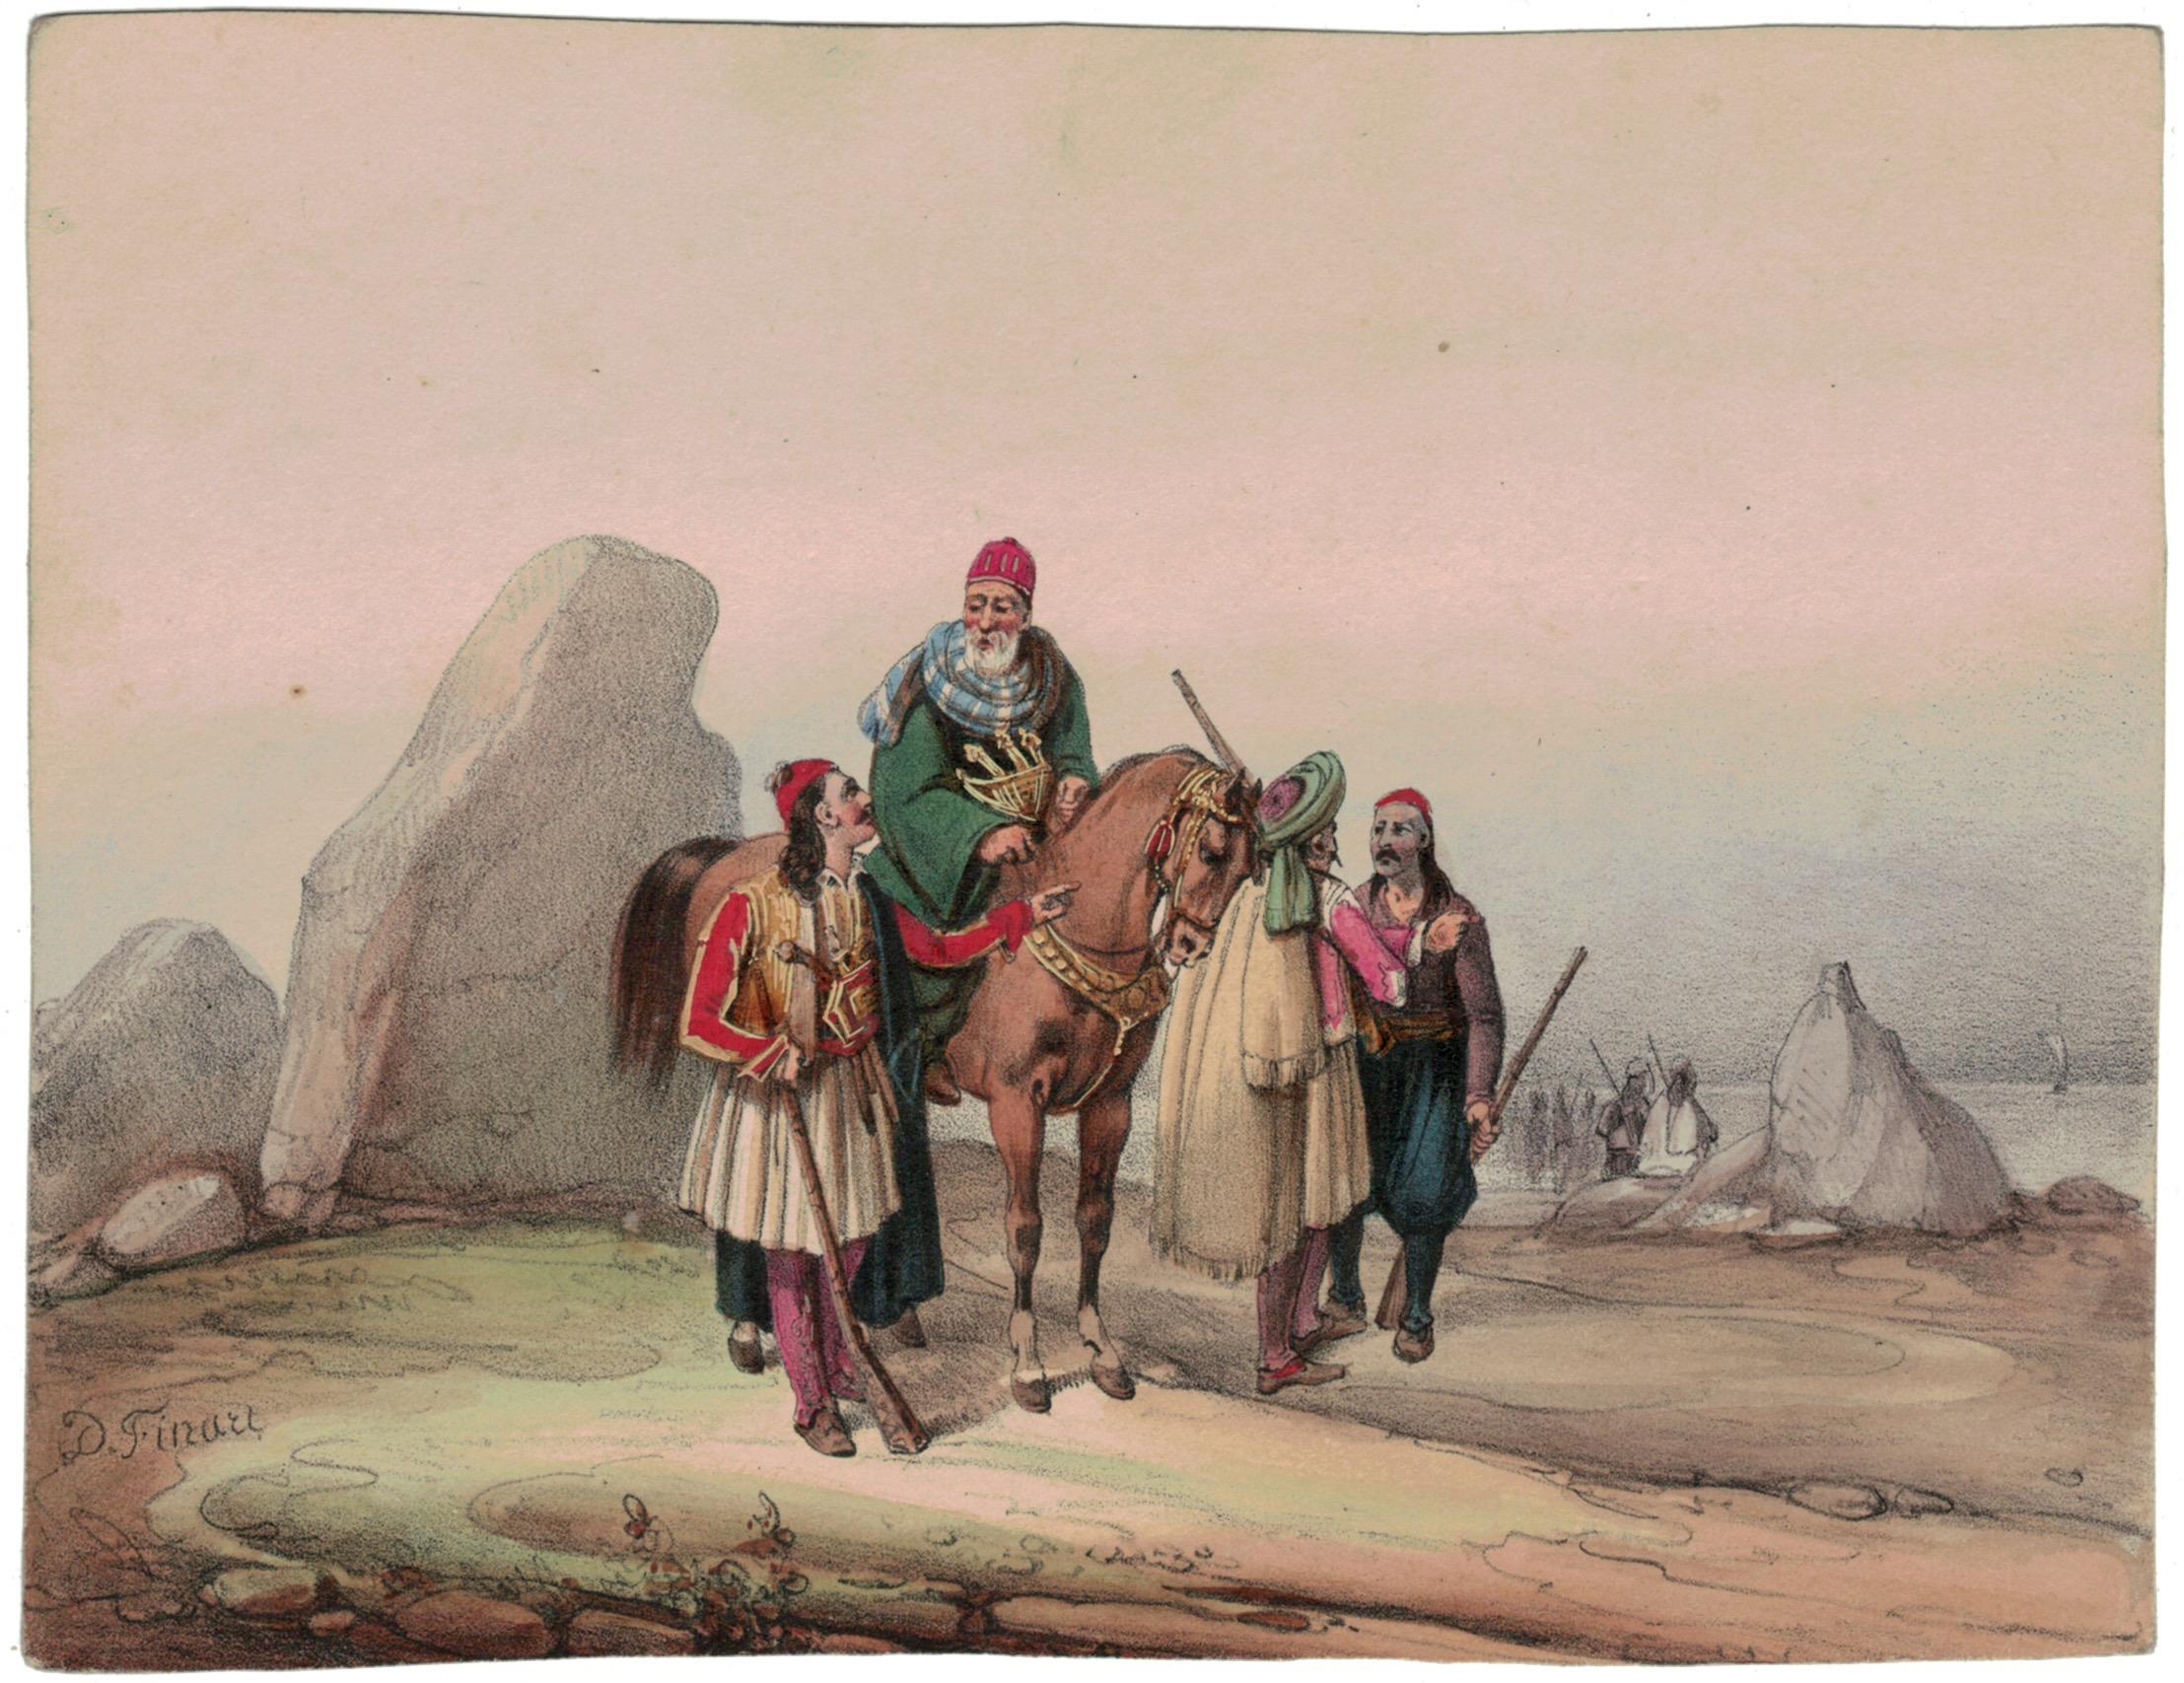 Gravure XIX - Cavalier - Guerres Napoléoniennes - 1812 - Napoléon I - Illyria - Copte - NOËL-DIEUDONNÉ FINART (1797 - 1852)